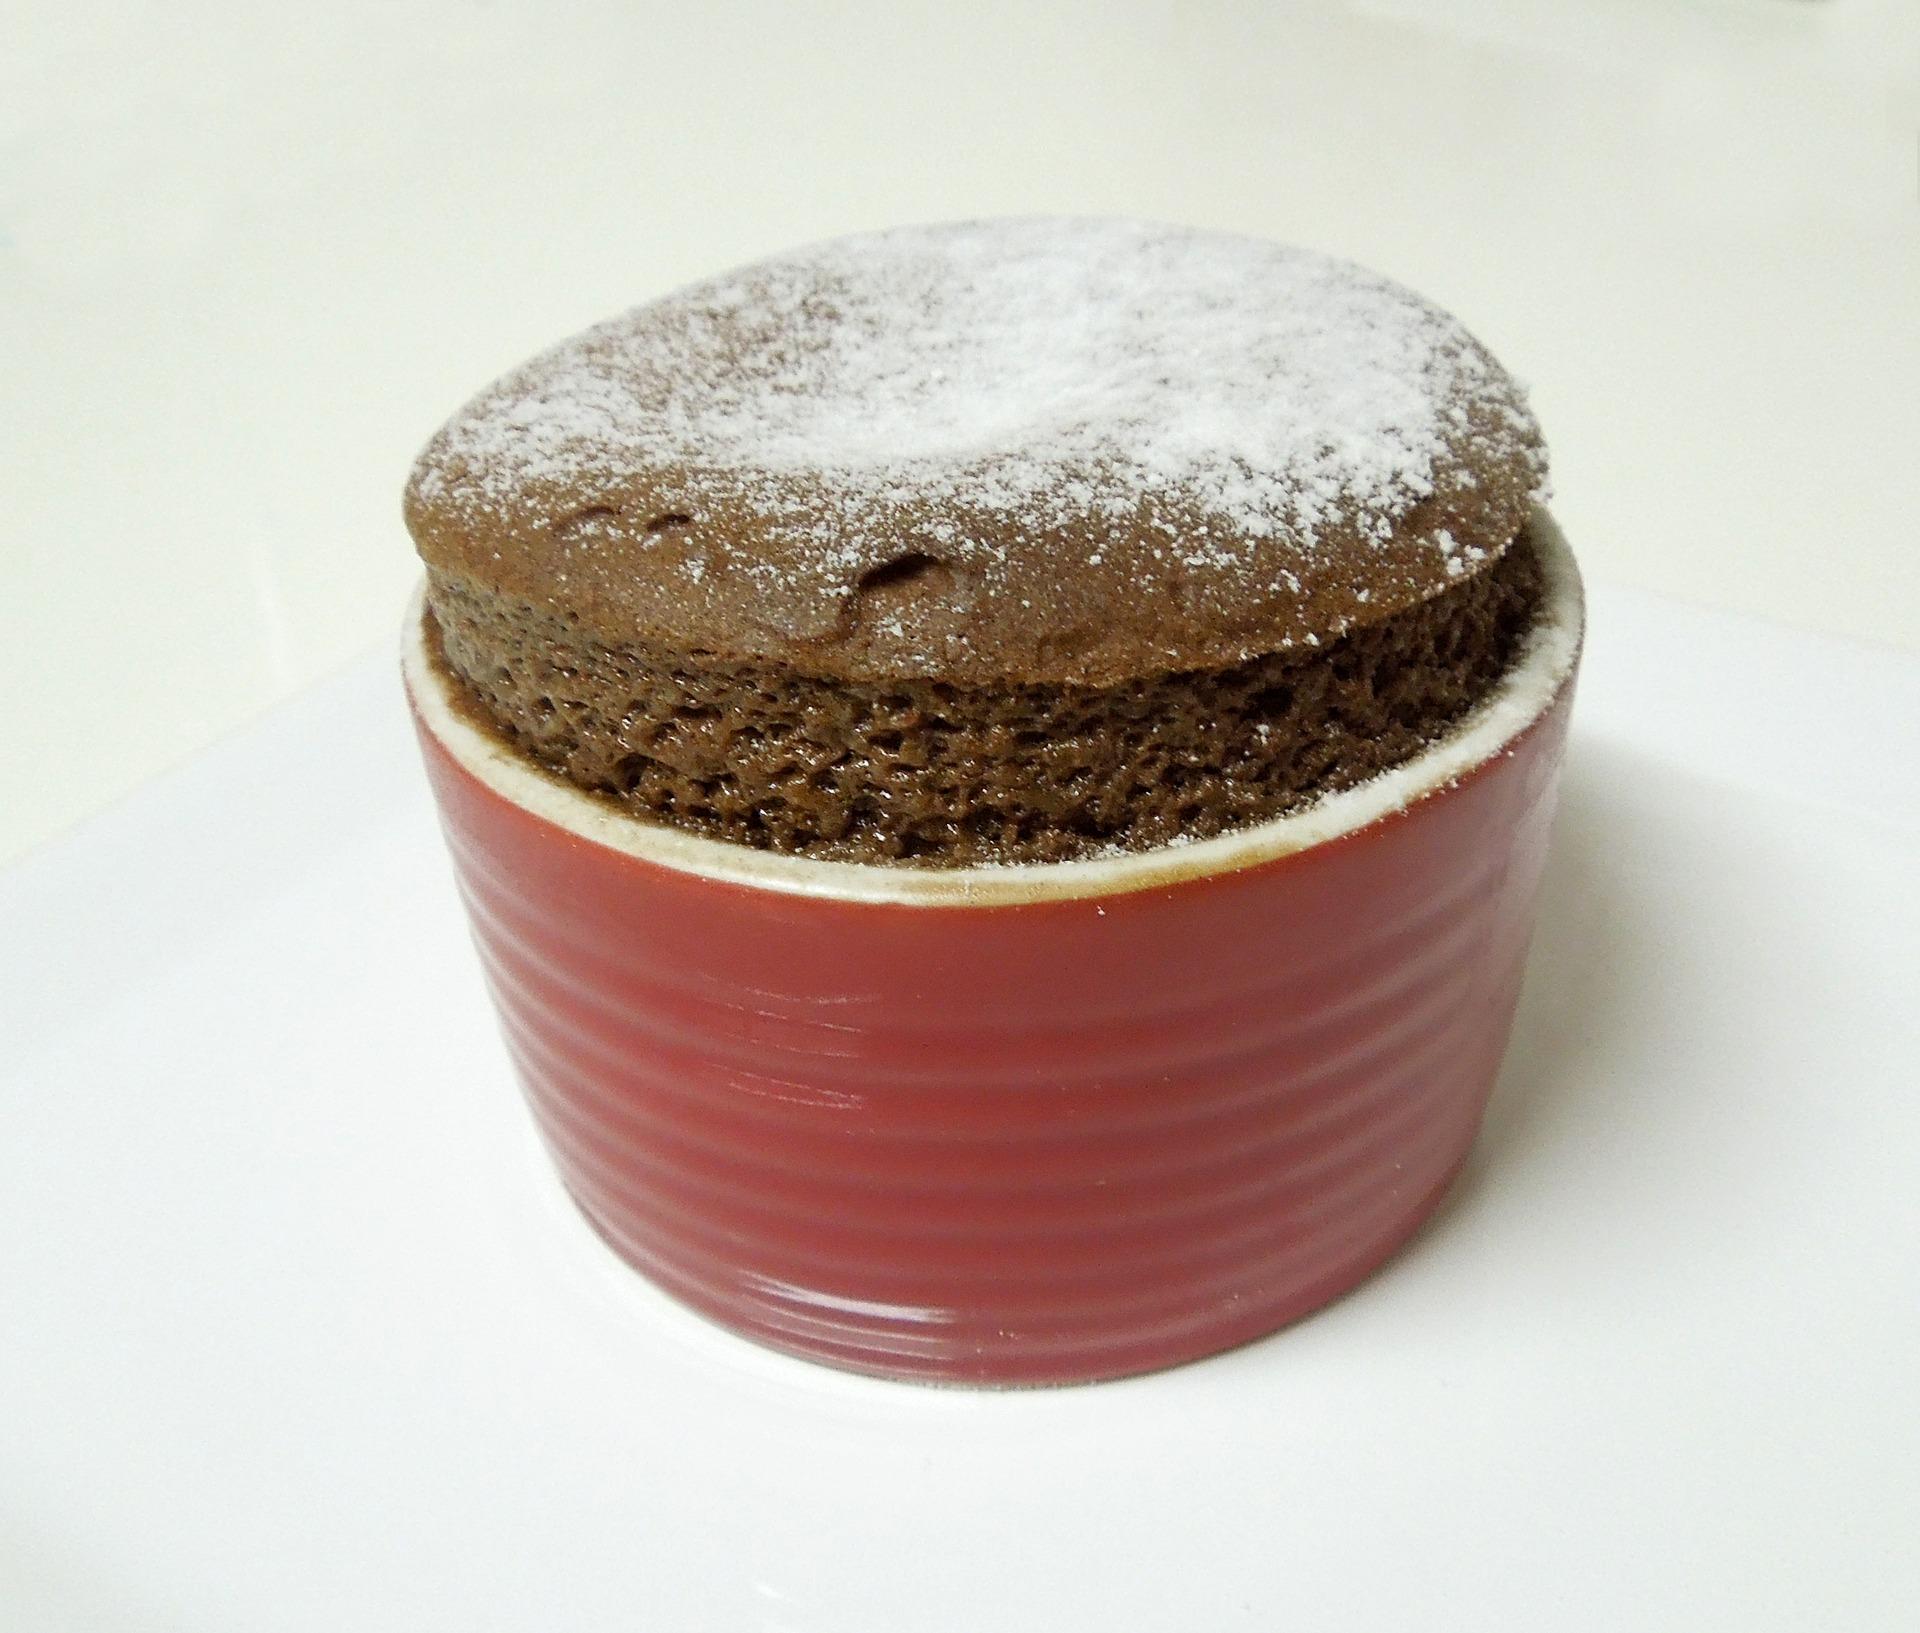 Przepis na suflet czekoladowy z płynnym środkiem